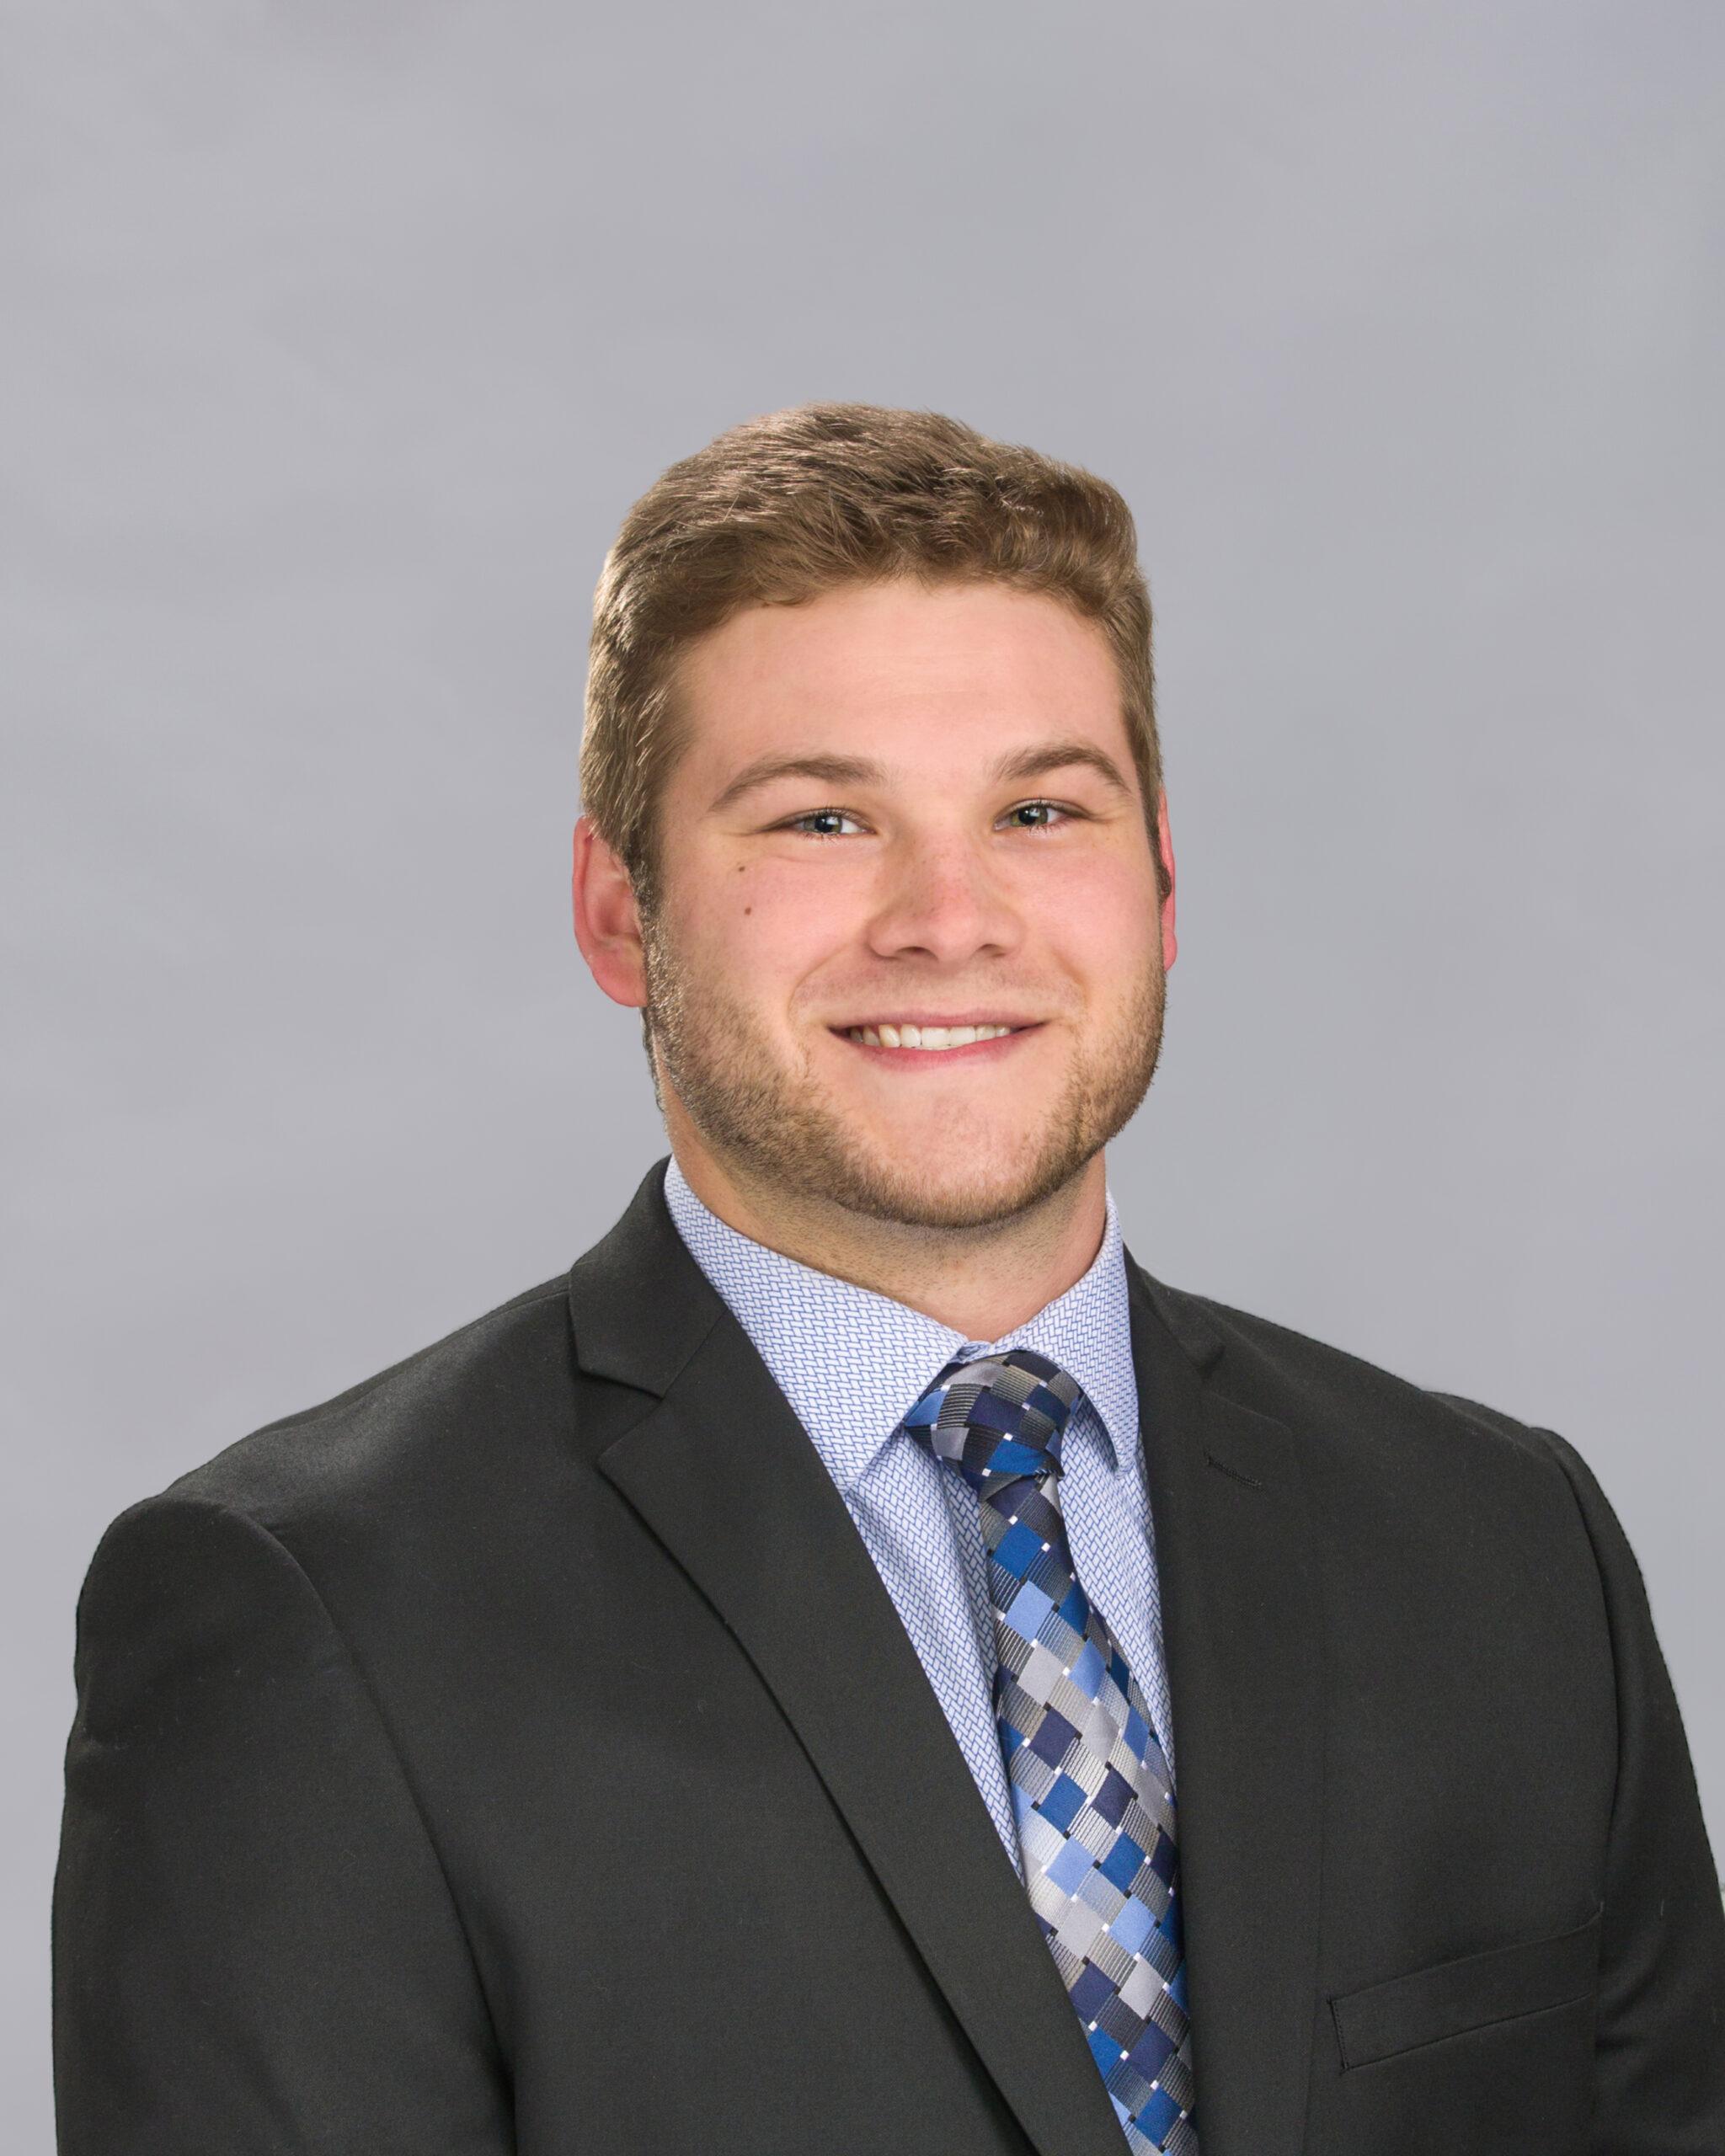 Brady Huttinger, PA-C